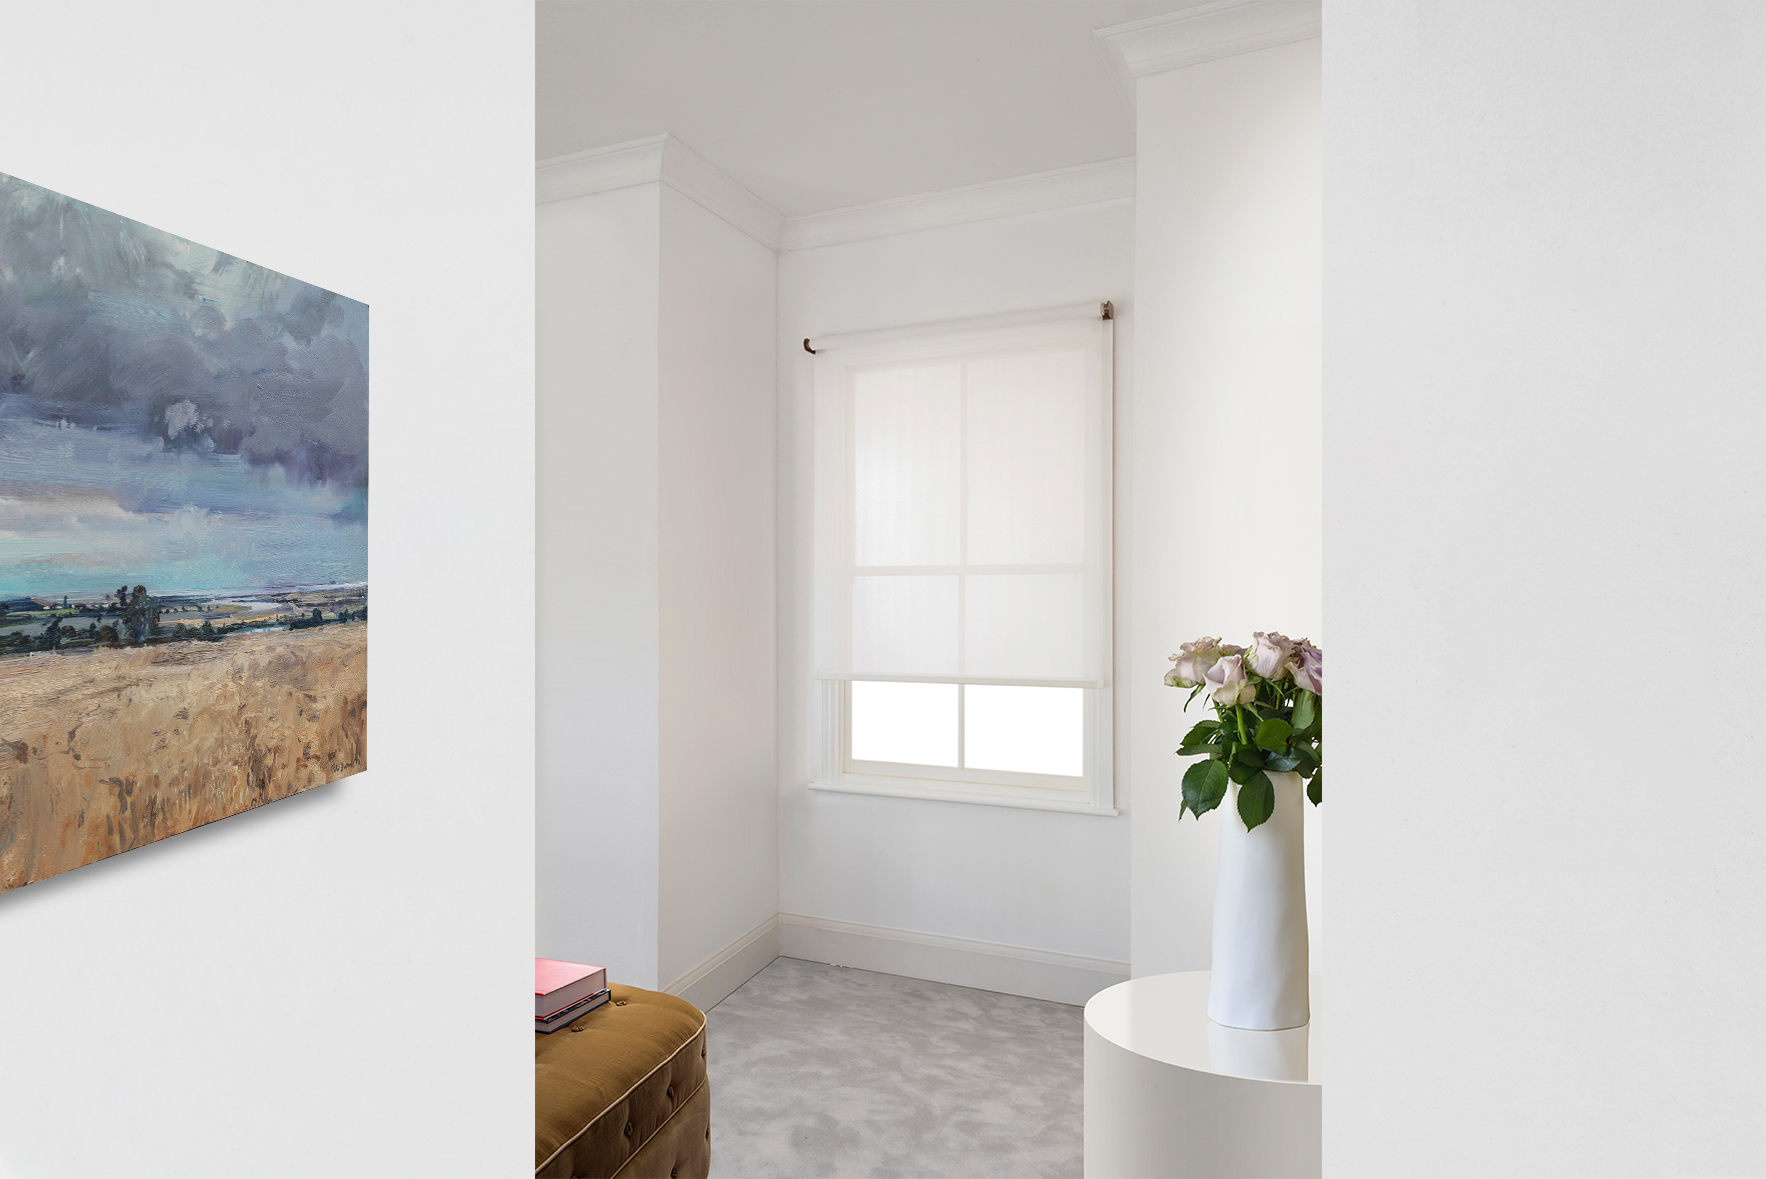 DSC_9223-room.jpg